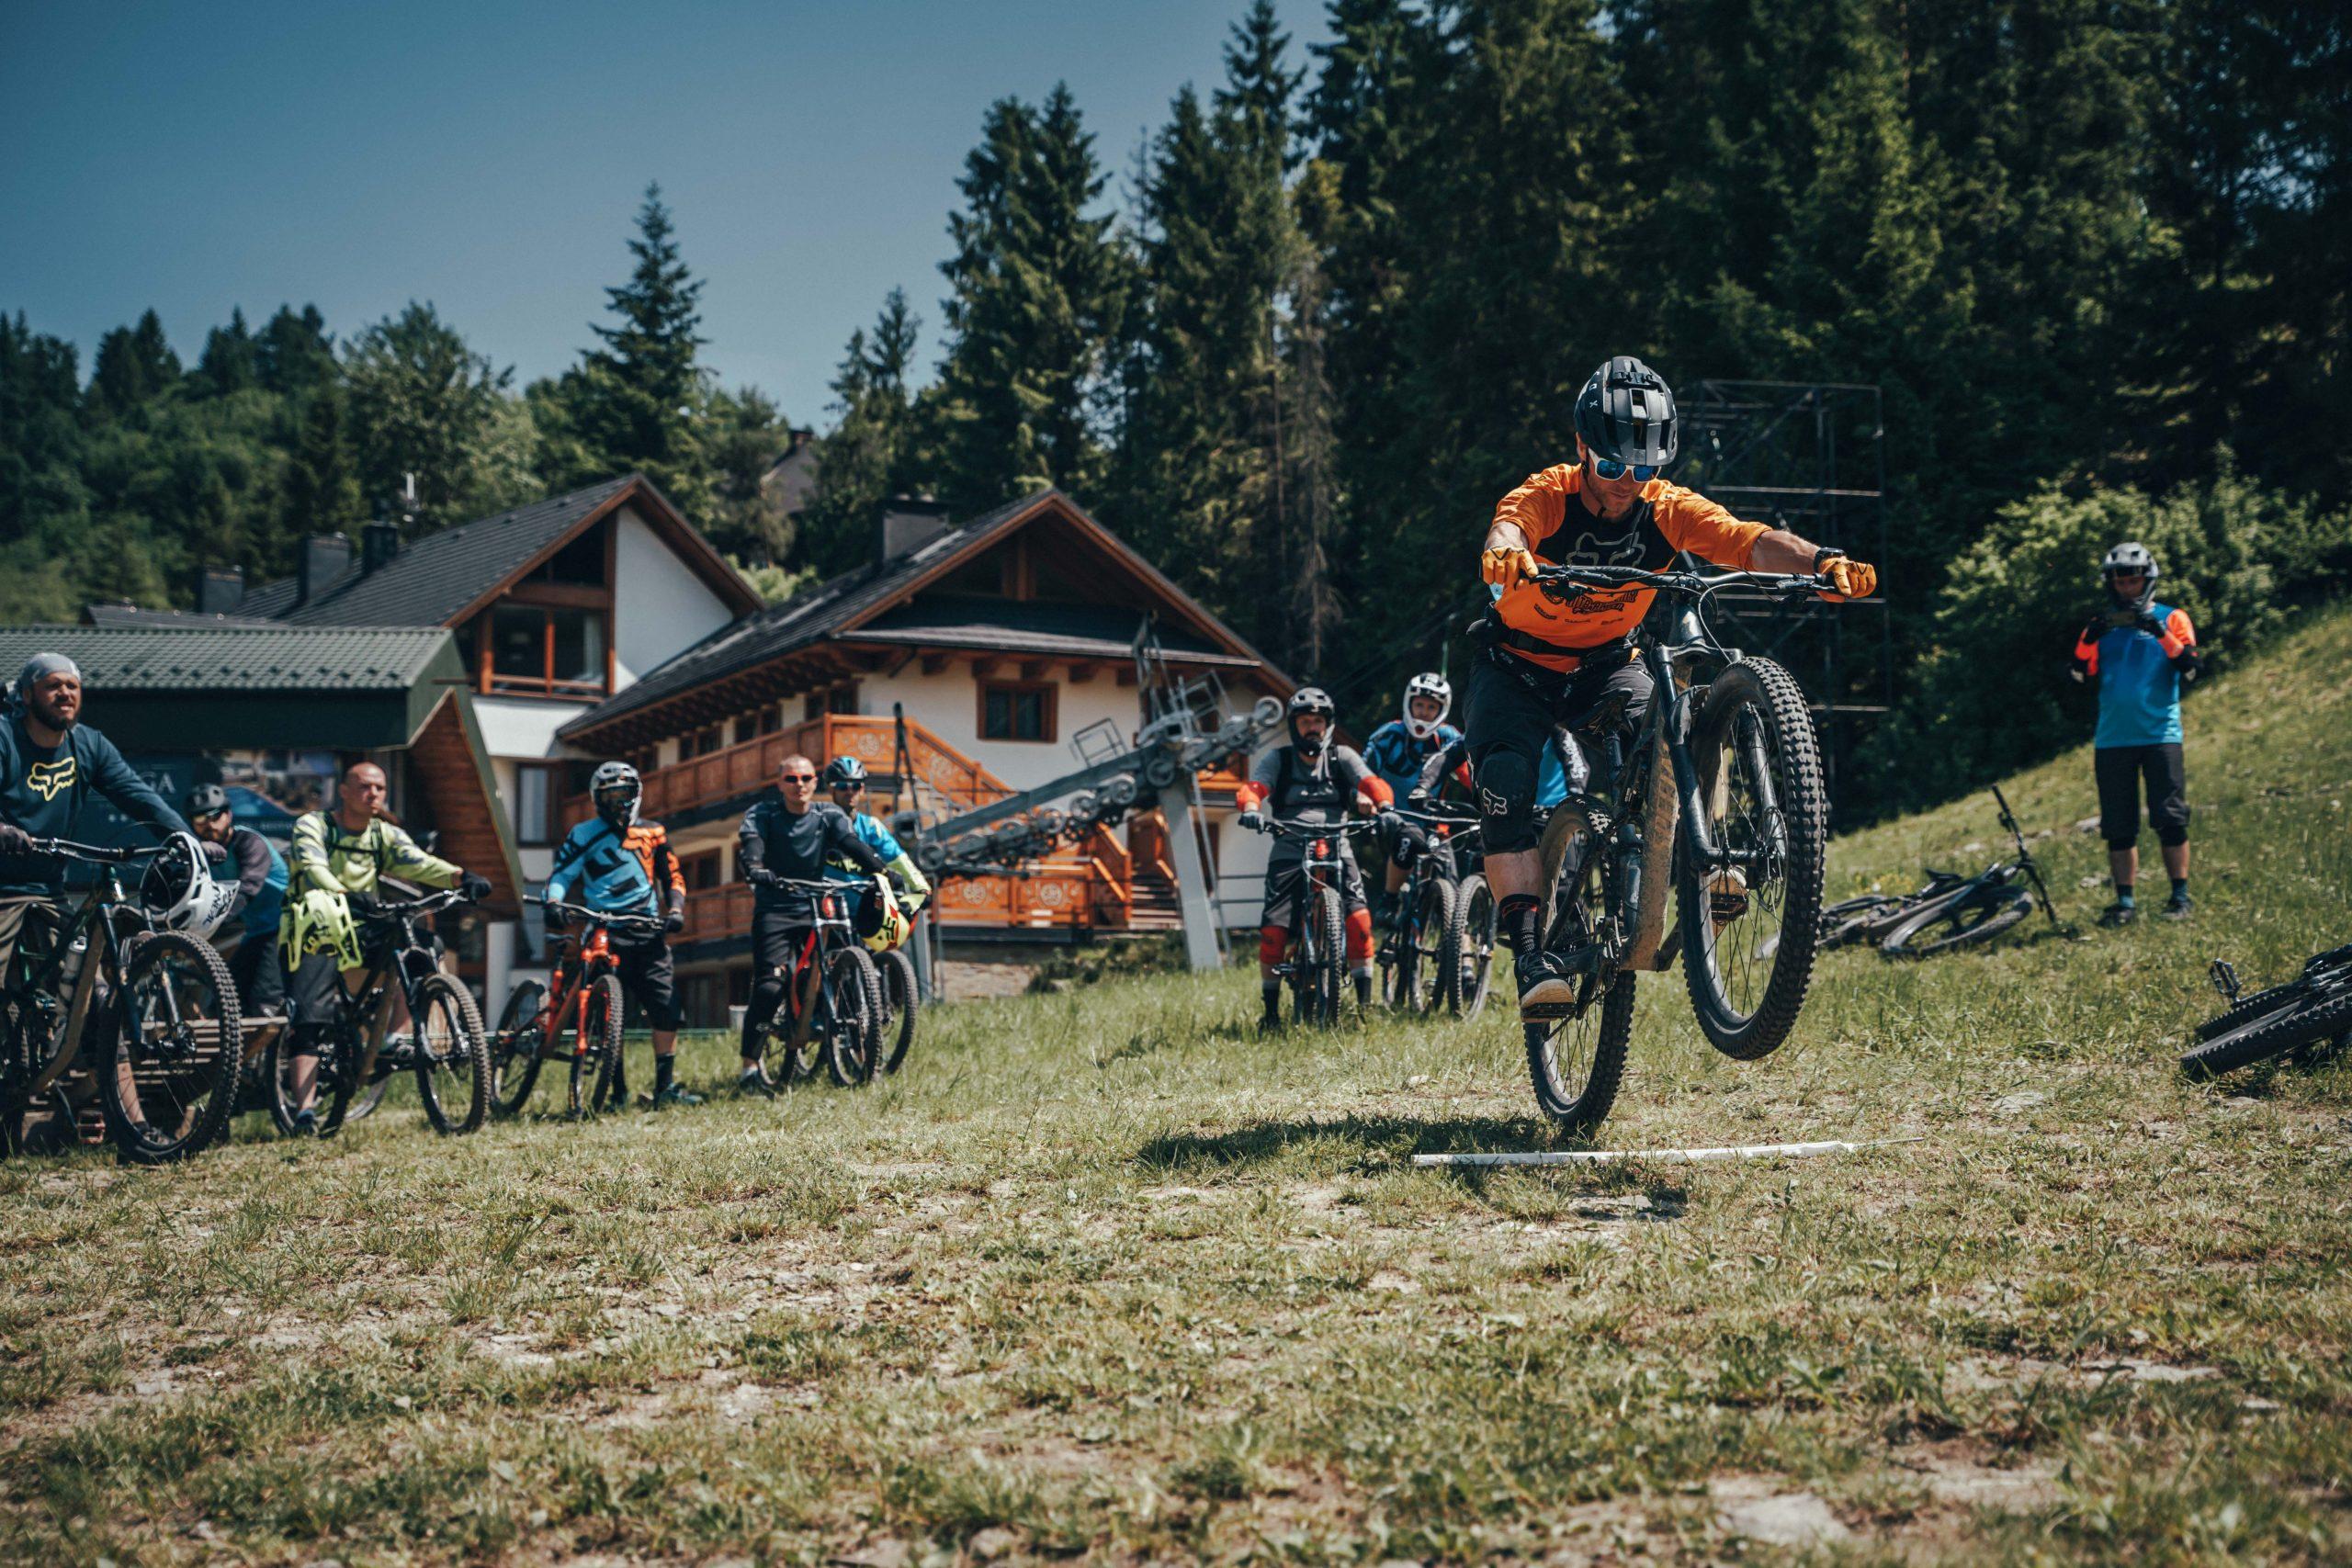 Wypożyczalnia rowerów joy ride – bike park Kluszkowce. Szkolenia, imprezy, aktywny wypoczynek!